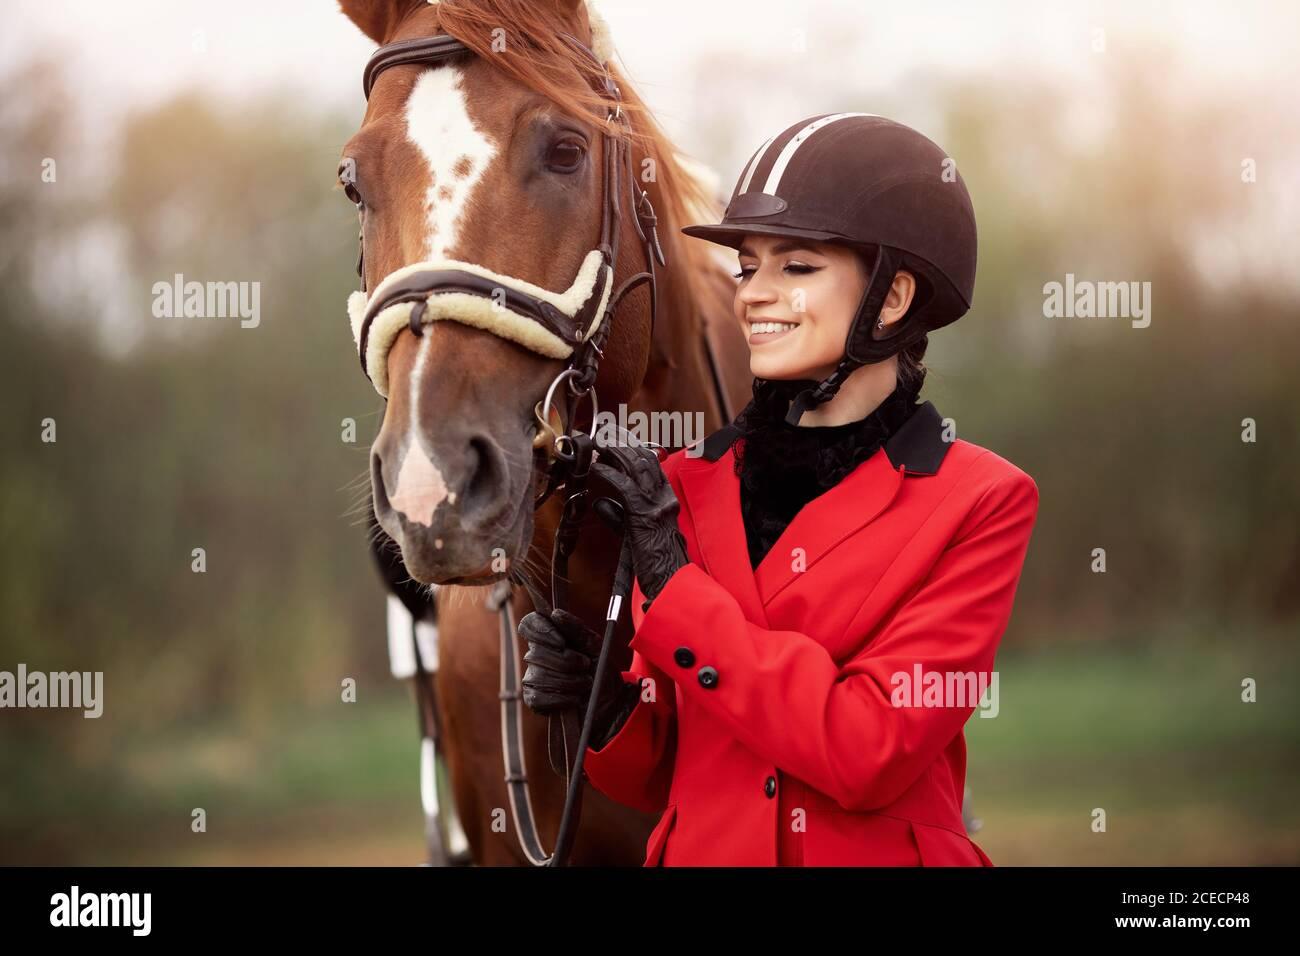 Retrato Jockey jinete jinete jinete jinete jinete jinete con caballo marrón, concepto de publicidad escuela club ecuestre Foto de stock